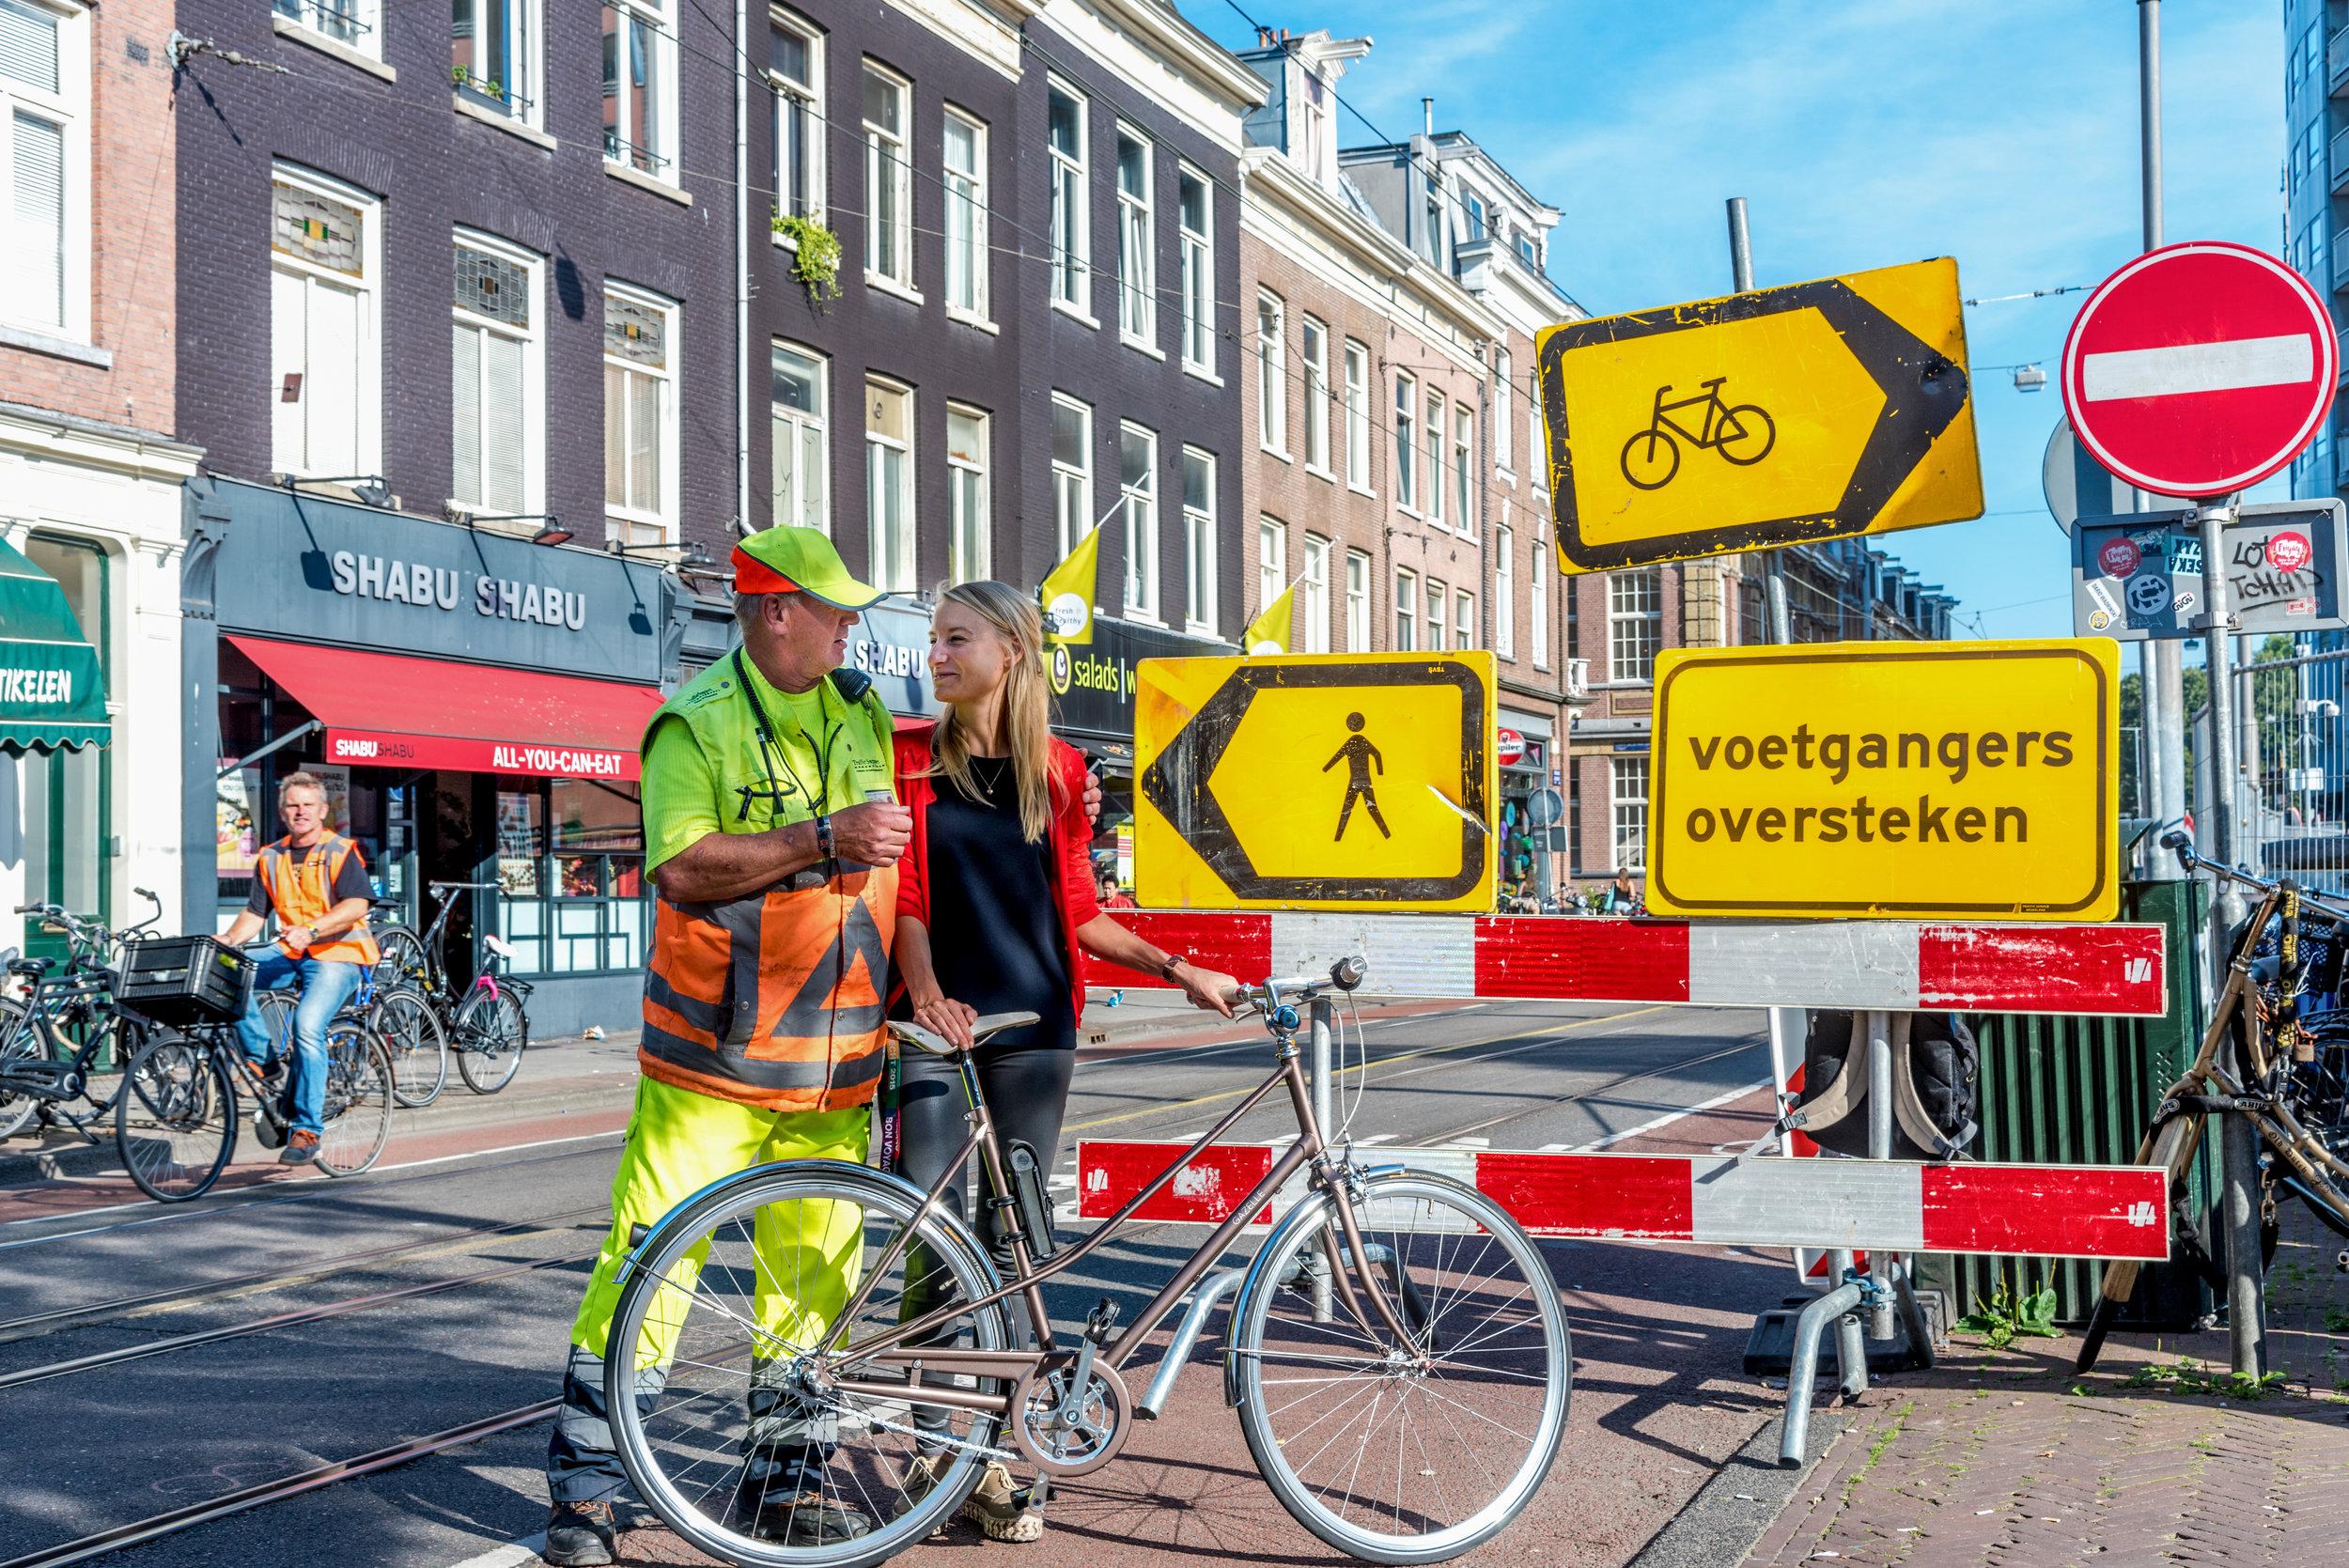 160907_Anna Luten fietsburgemeester_marjolijn_pokorny-.jpg